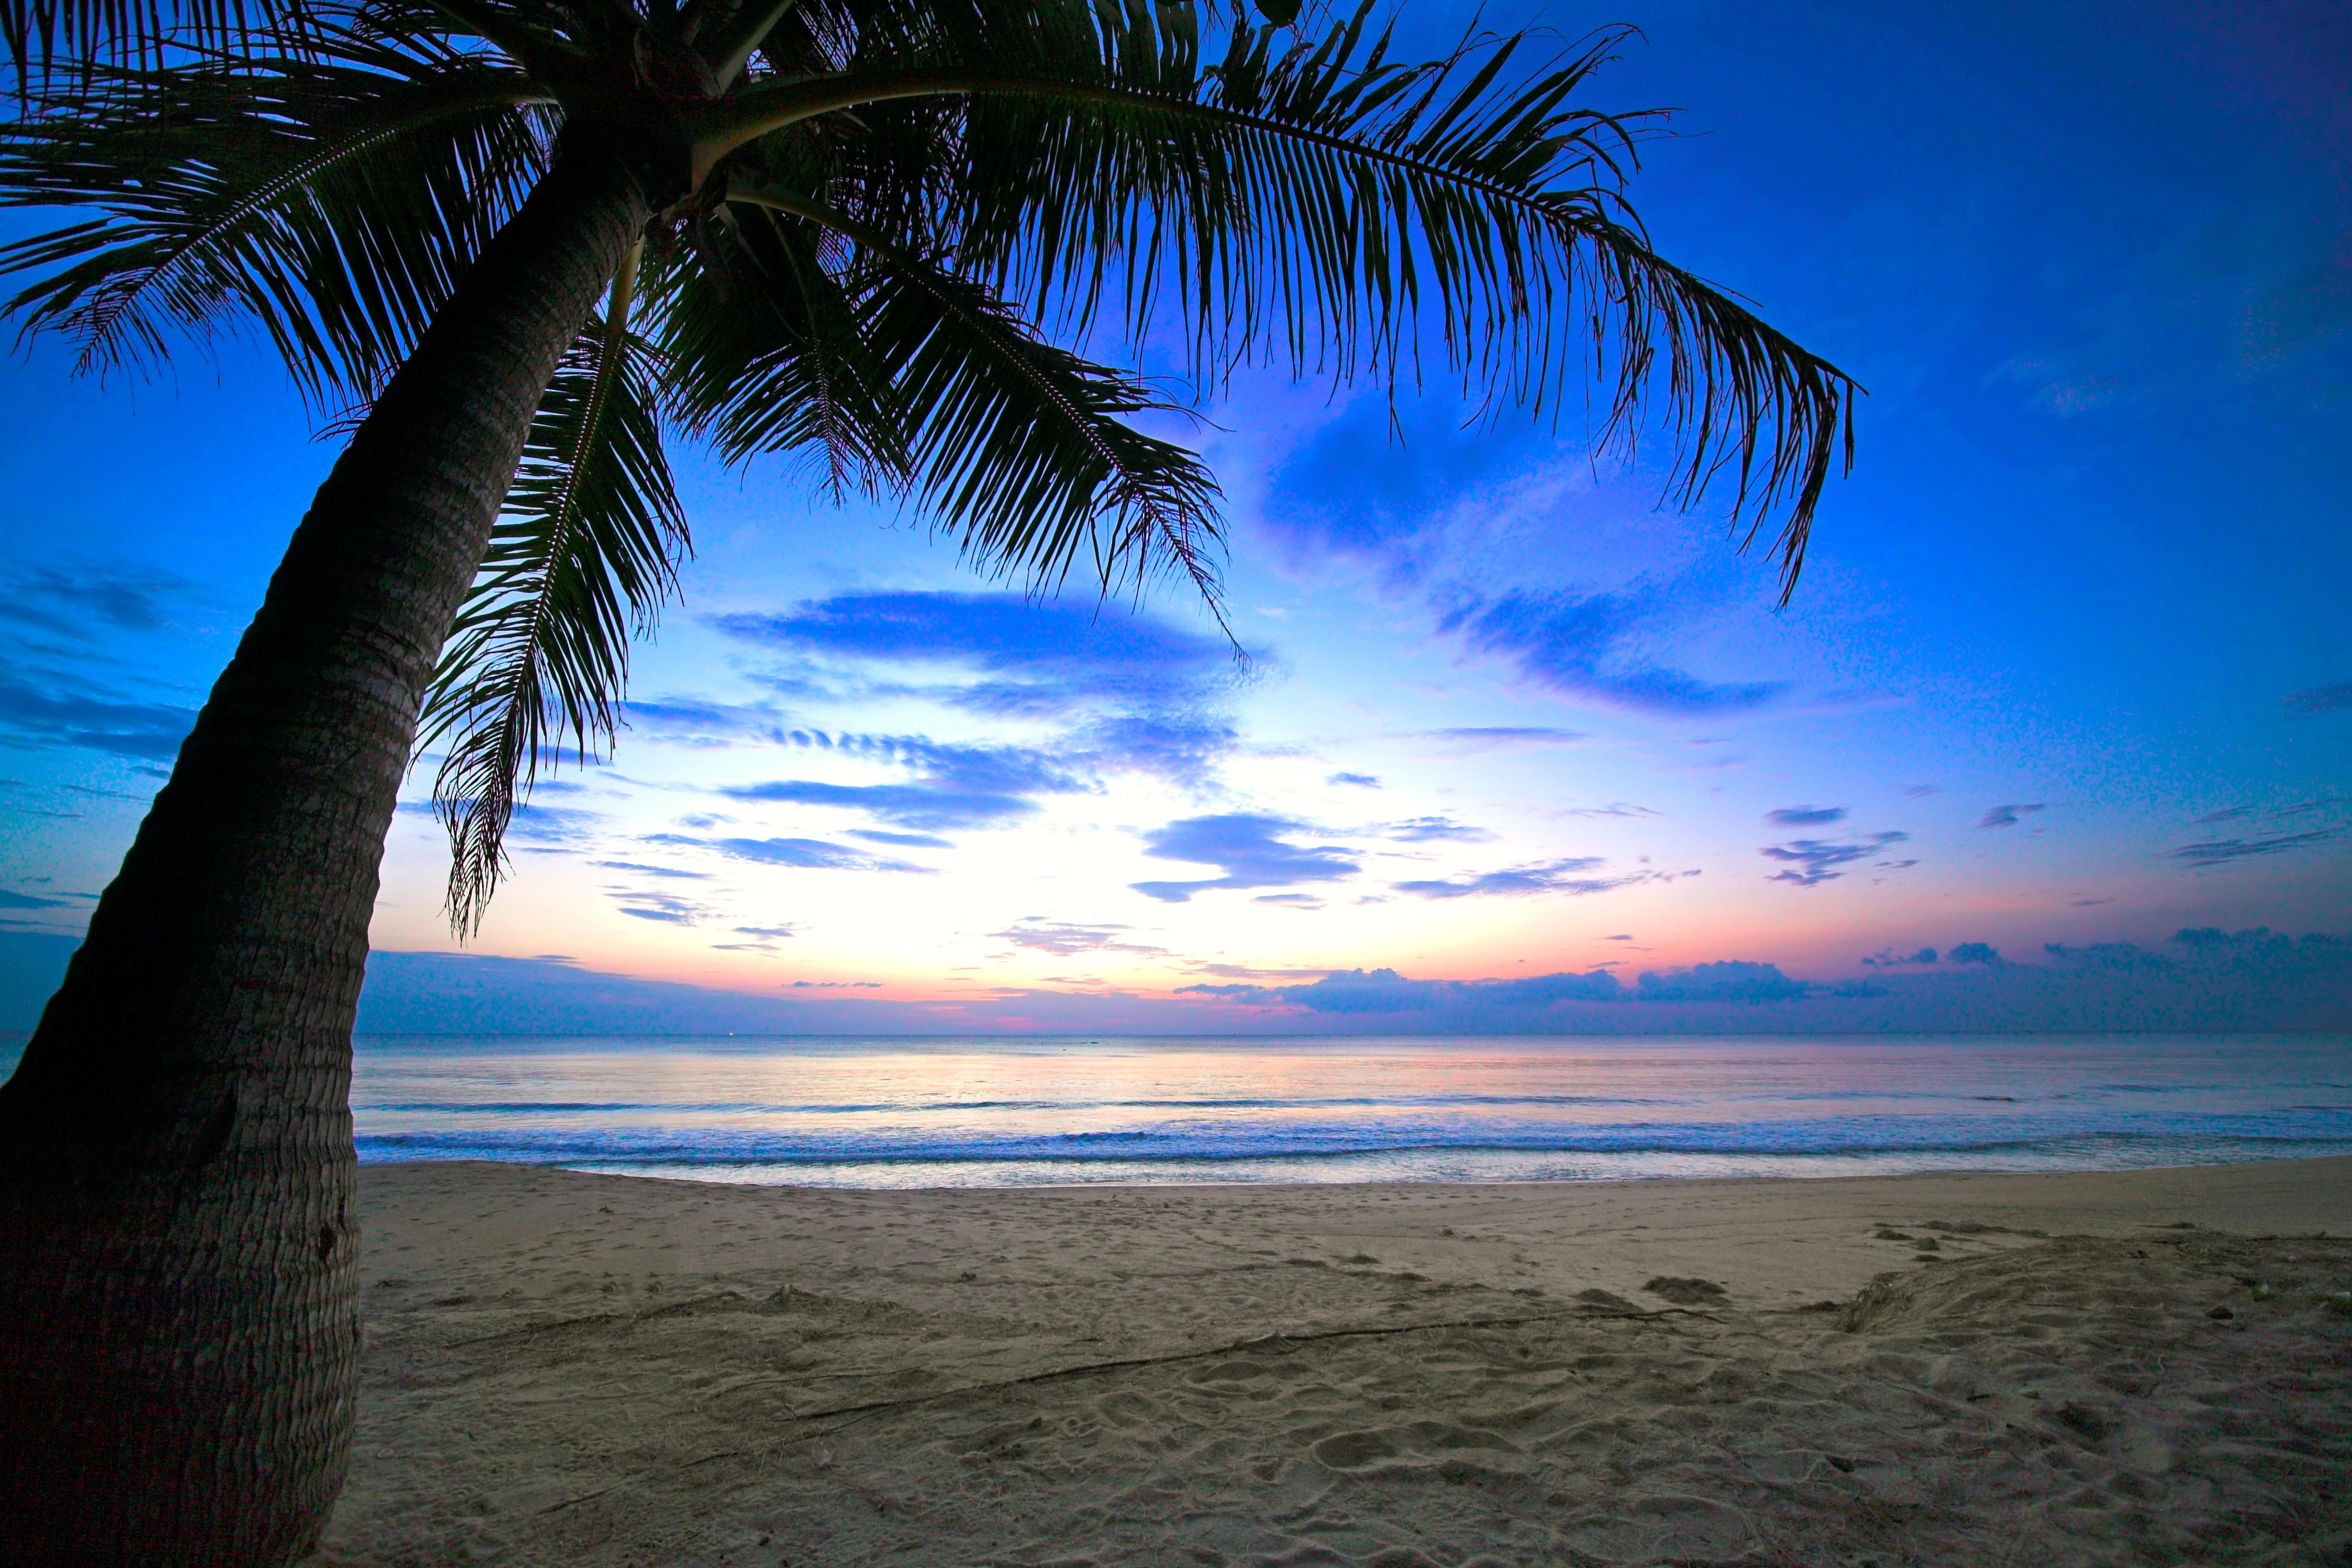 красивые картинки пляжа ночью может отнестись такому